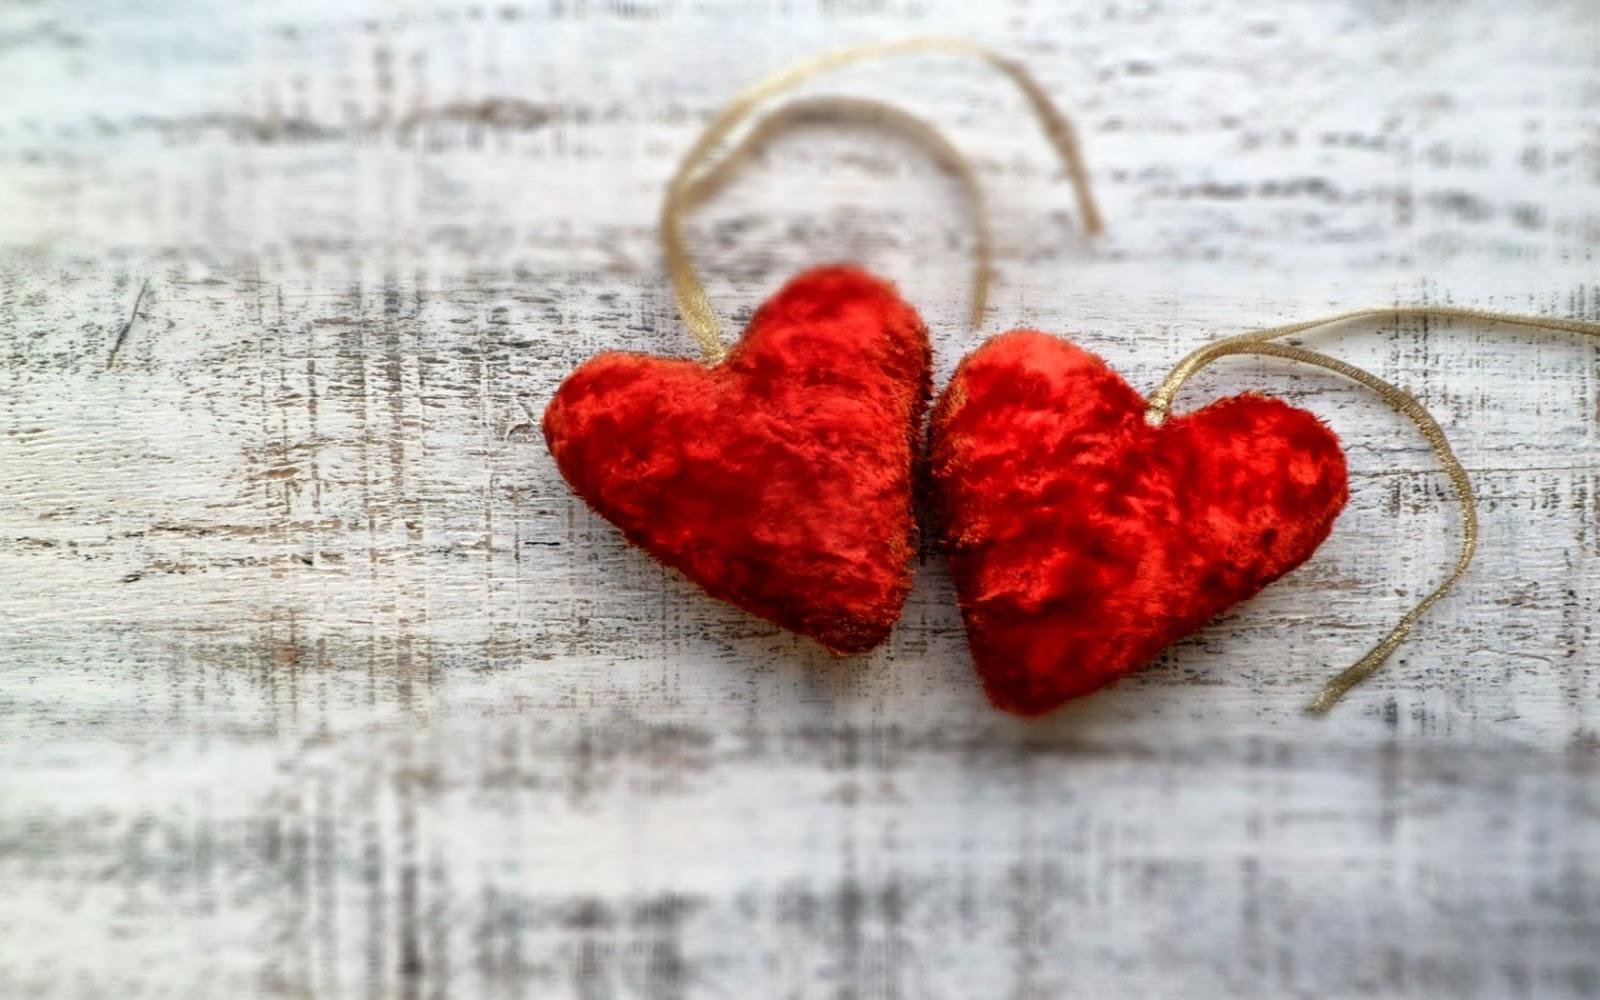 Fondos De Pantalla San Valentin Gratis: Fondos HD Wallpapers: Fondo De Pantalla Dia De San